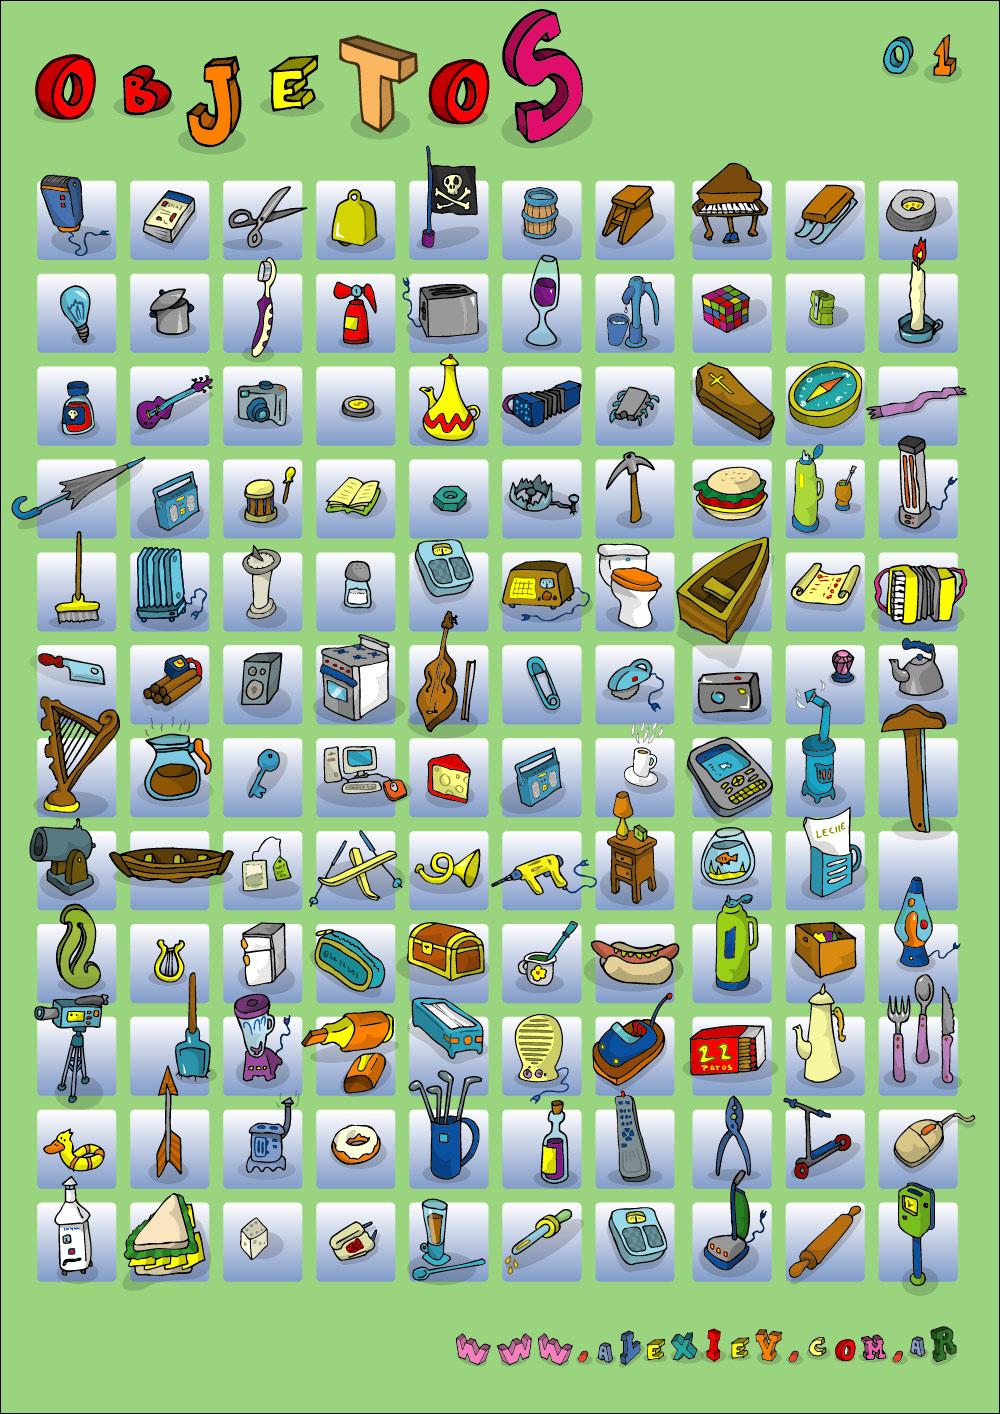 Ilustrador alexiev gandman colecci n de objetos for Espejo que no invierte la imagen